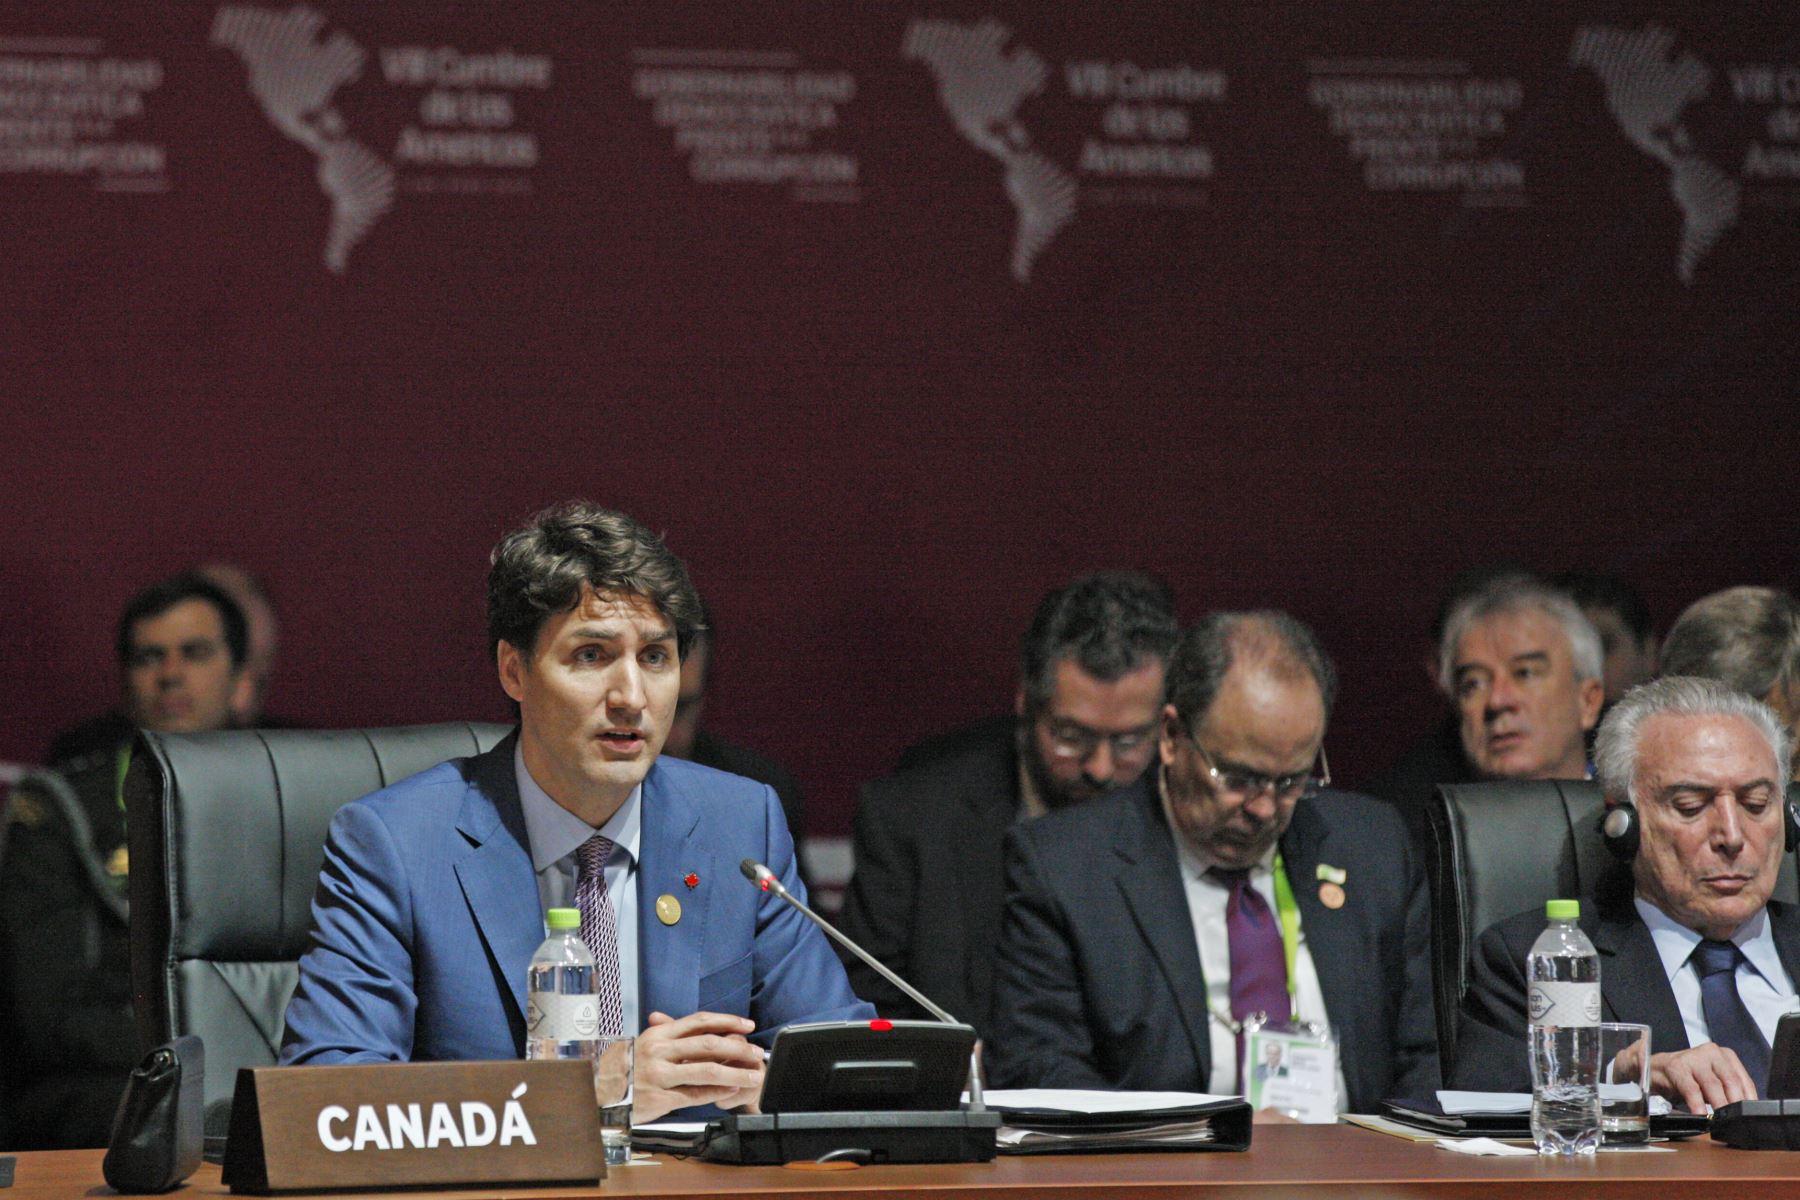 Primer Ministro de Cánada, Justin Trudeau durante la sesión plenaria de la VIII Cumbre de las Américas en Lima. Foto: ANDINA/Dante Zegarra